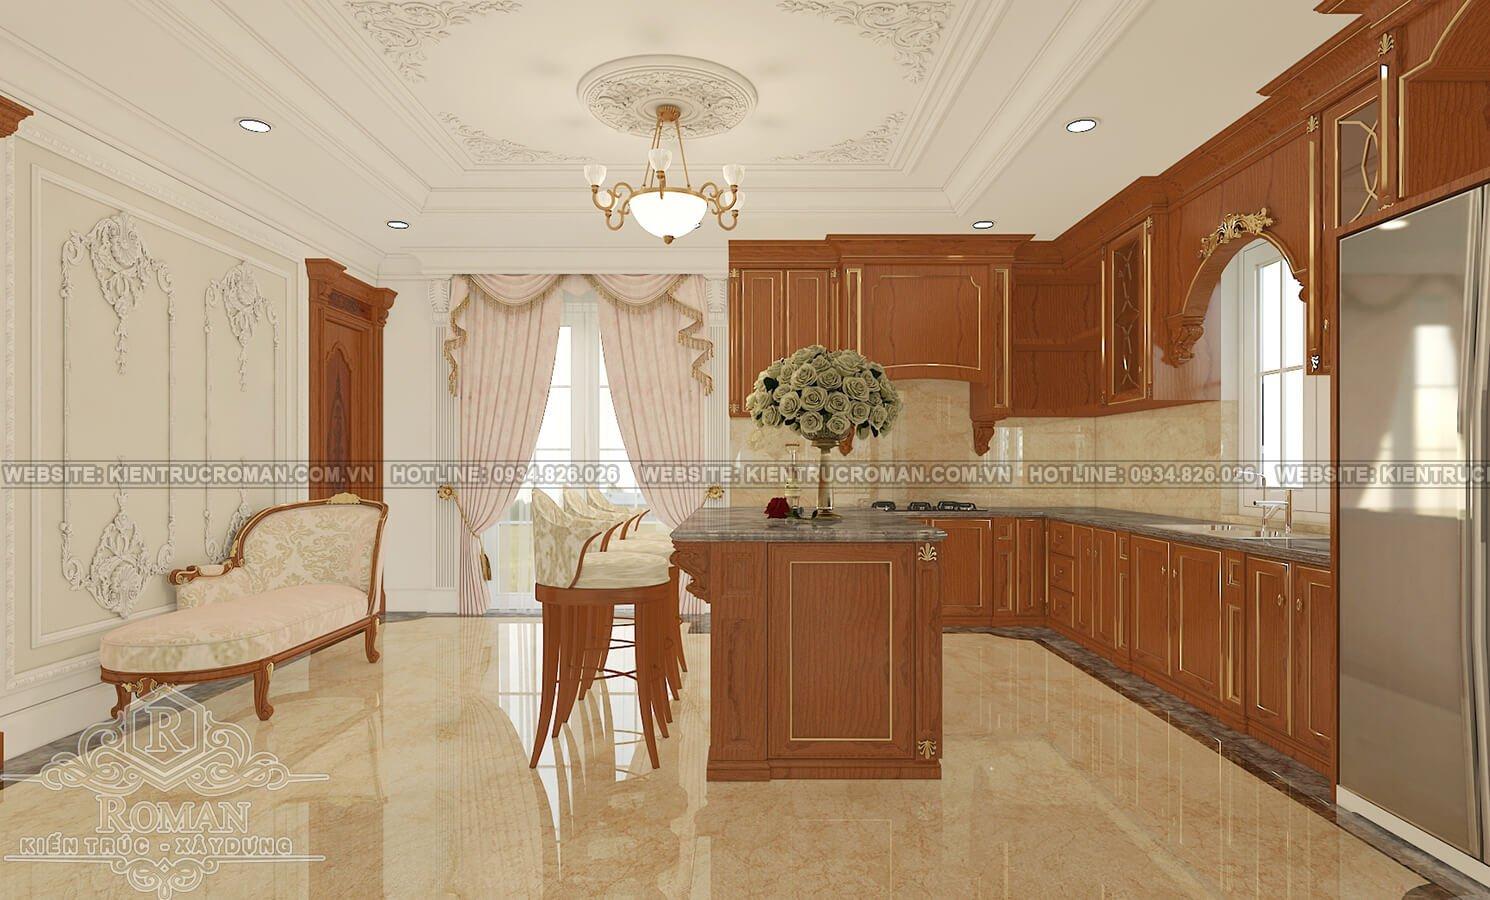 biệt thự cổ điển kiểu pháp phòng bếp